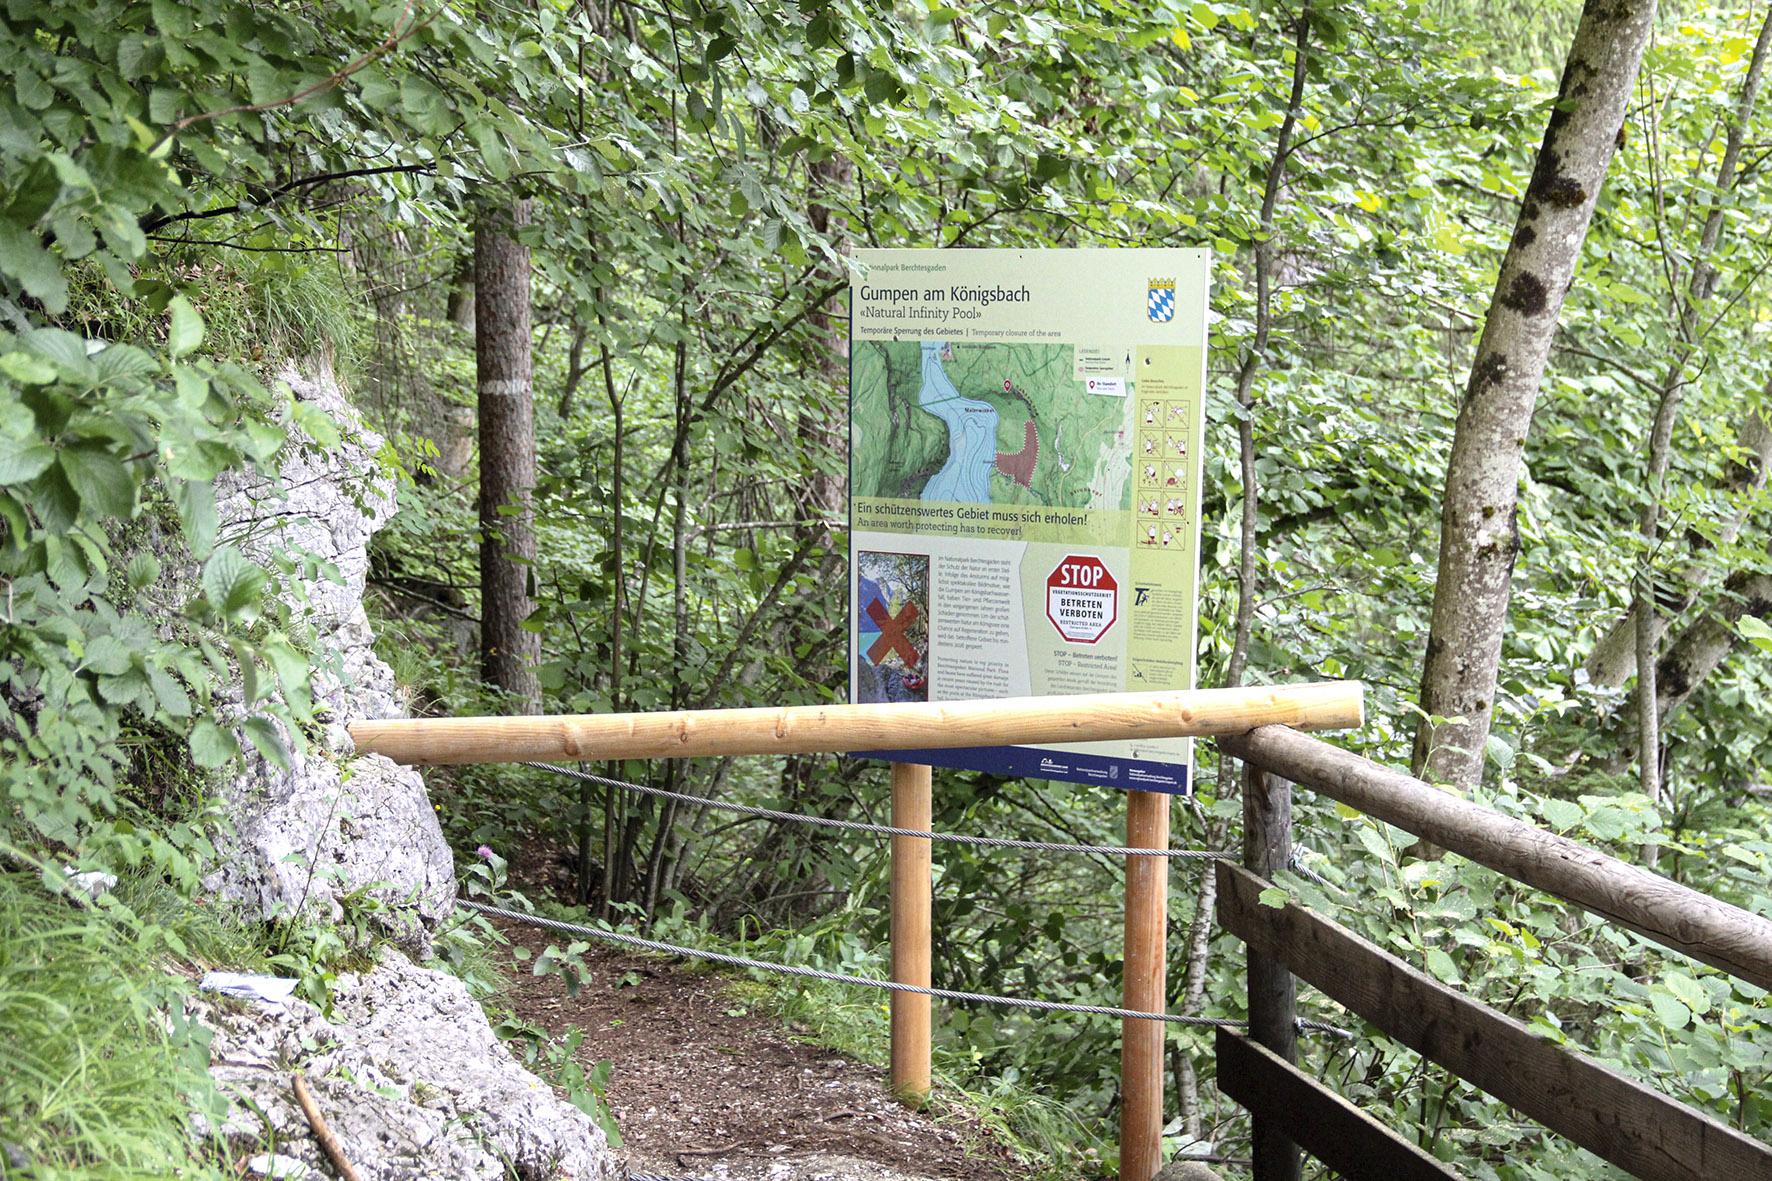 Pressebild: Nationalpark-Mitarbeiter bringen die Beschilderung zur Sperrung des Vegetationsschutzgebiets im Gel��nde an.